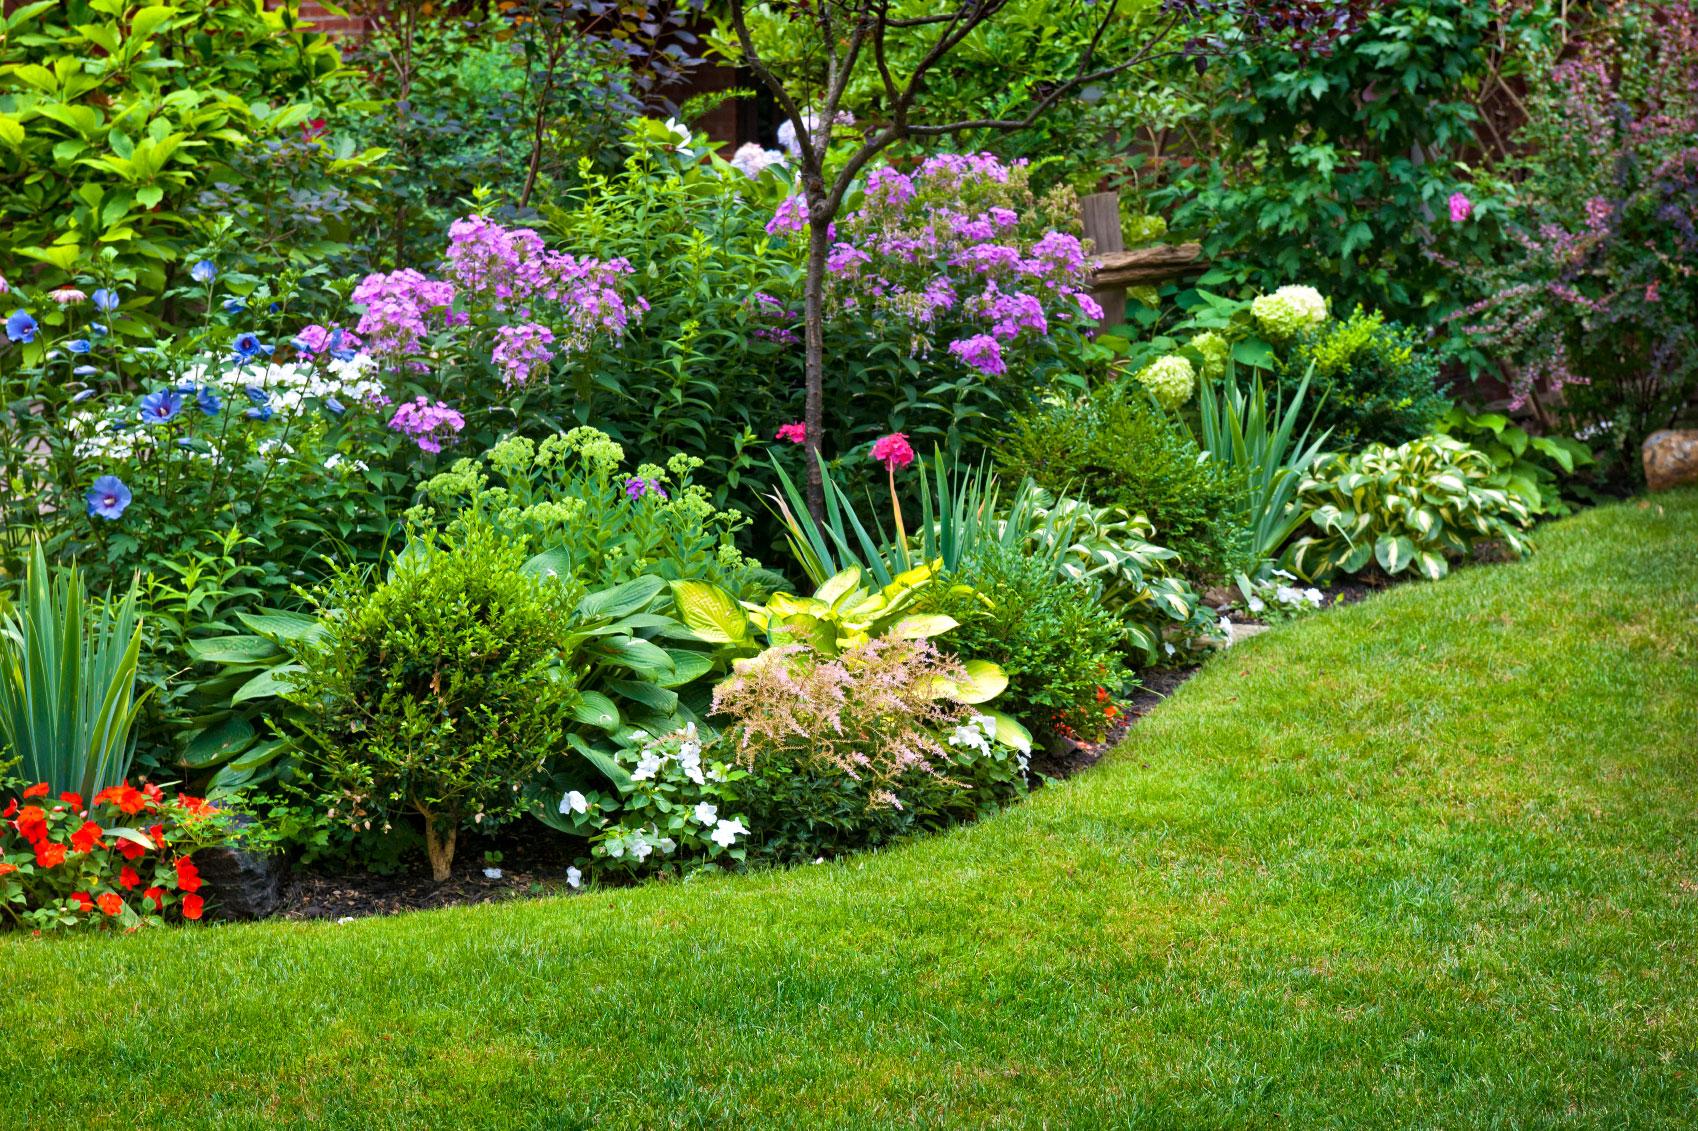 perennials in the garden